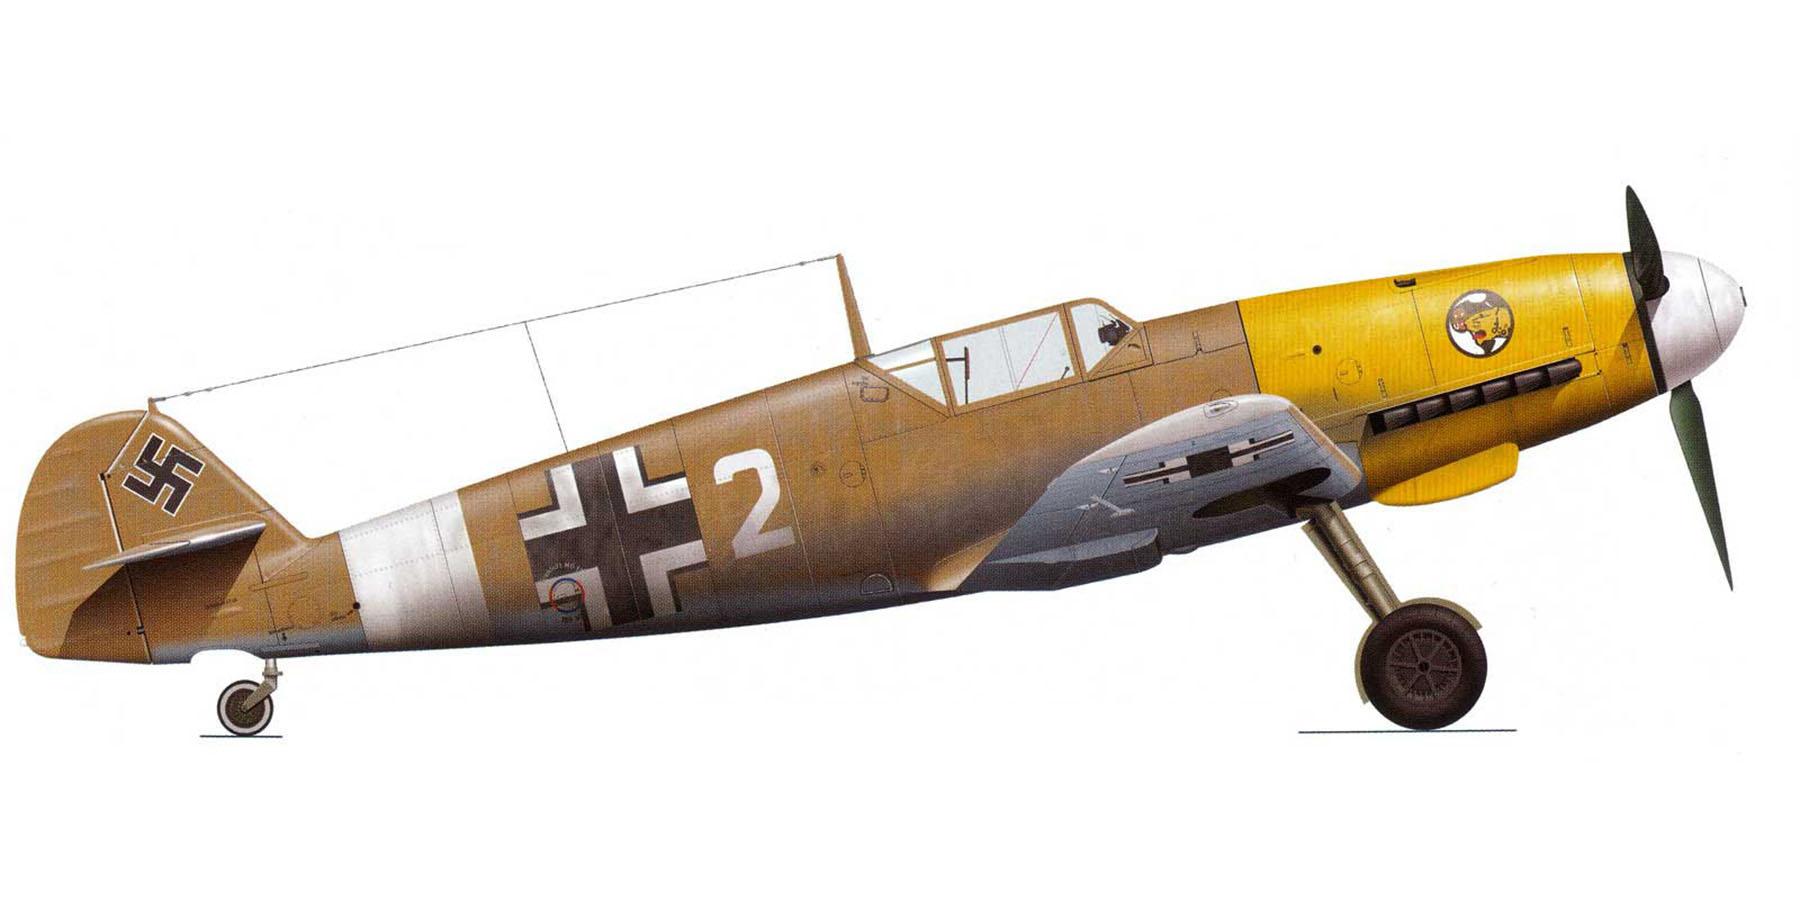 Messerschmitt Bf 109F4Trop 1.JG27 White 2 North Africa 1942 0A